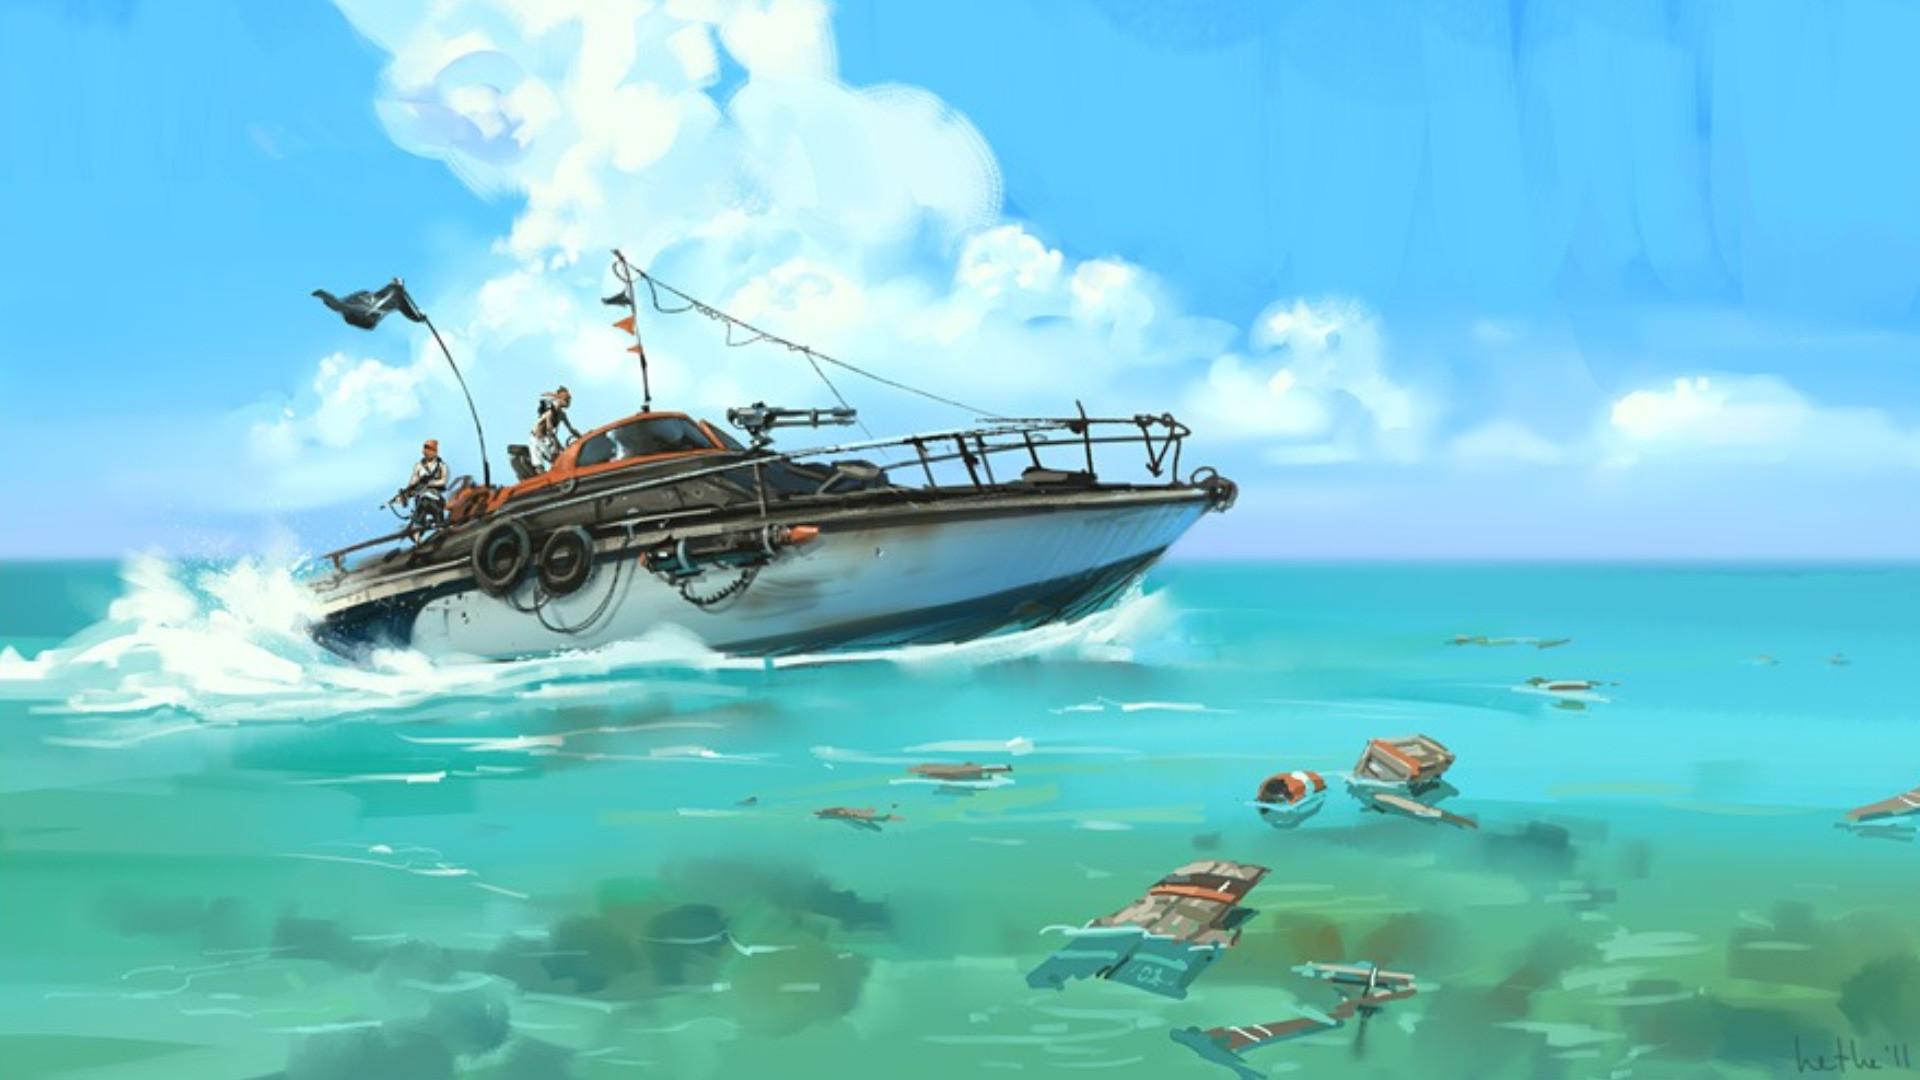 Res: 1920x1080, Vehicles - Boat Wallpaper